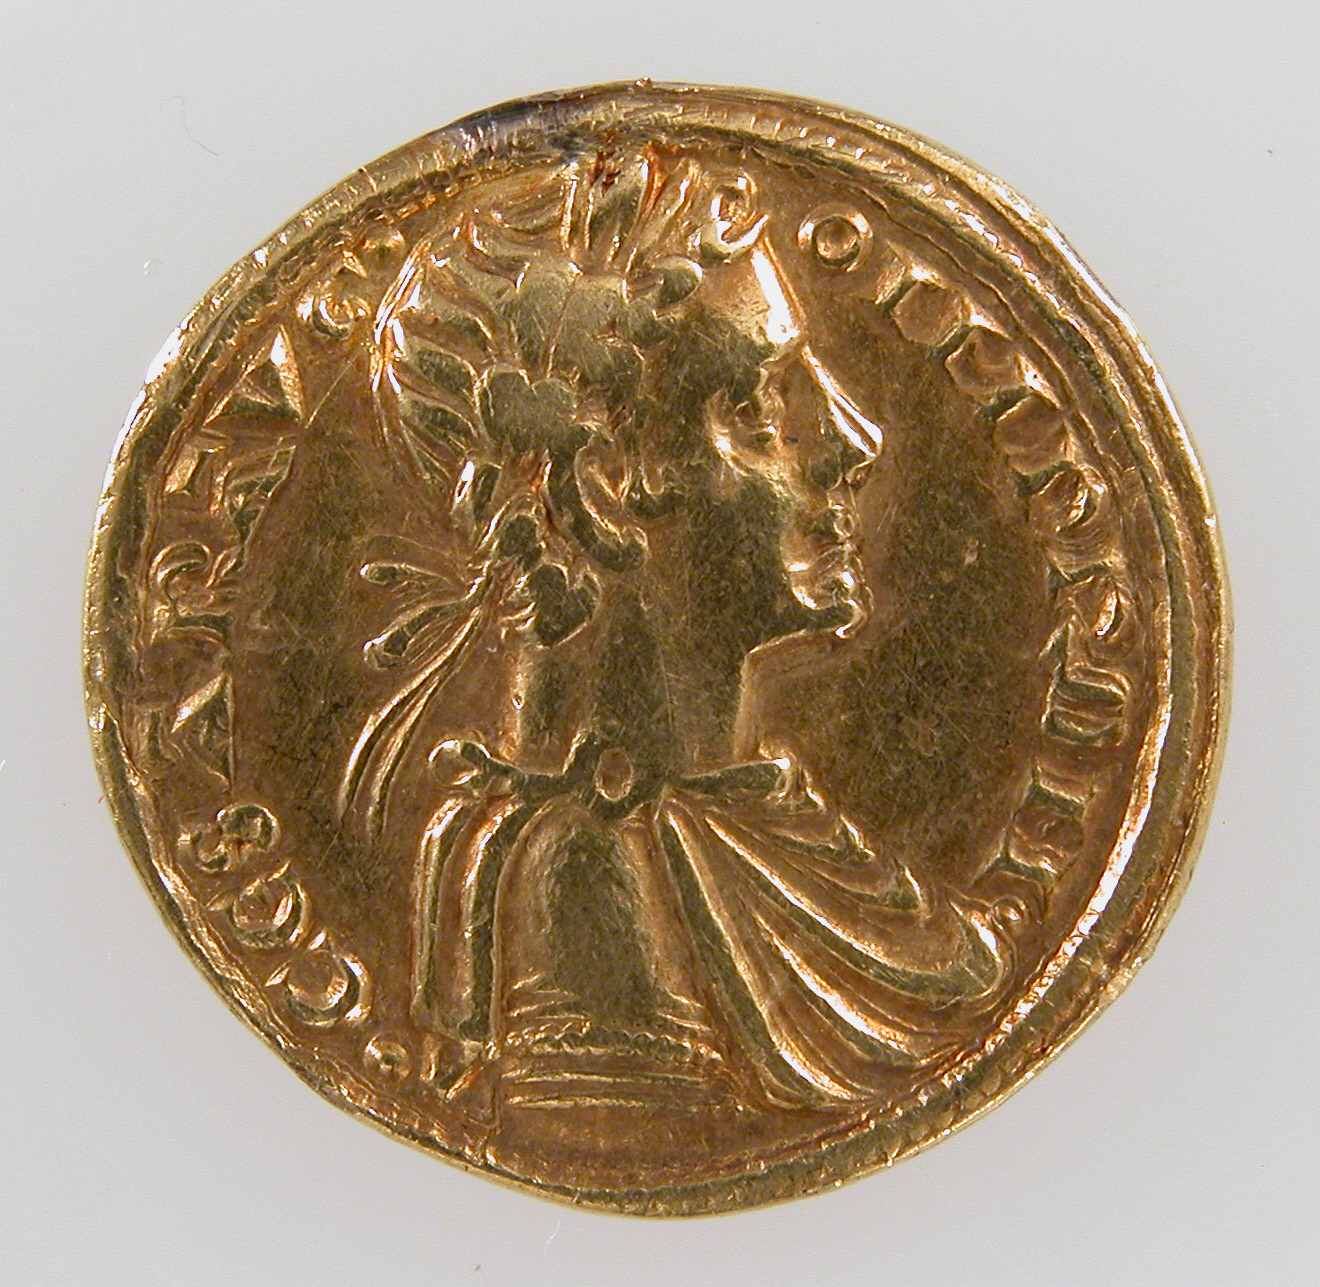 Münze Augustalis von Friedrich II. Staufer